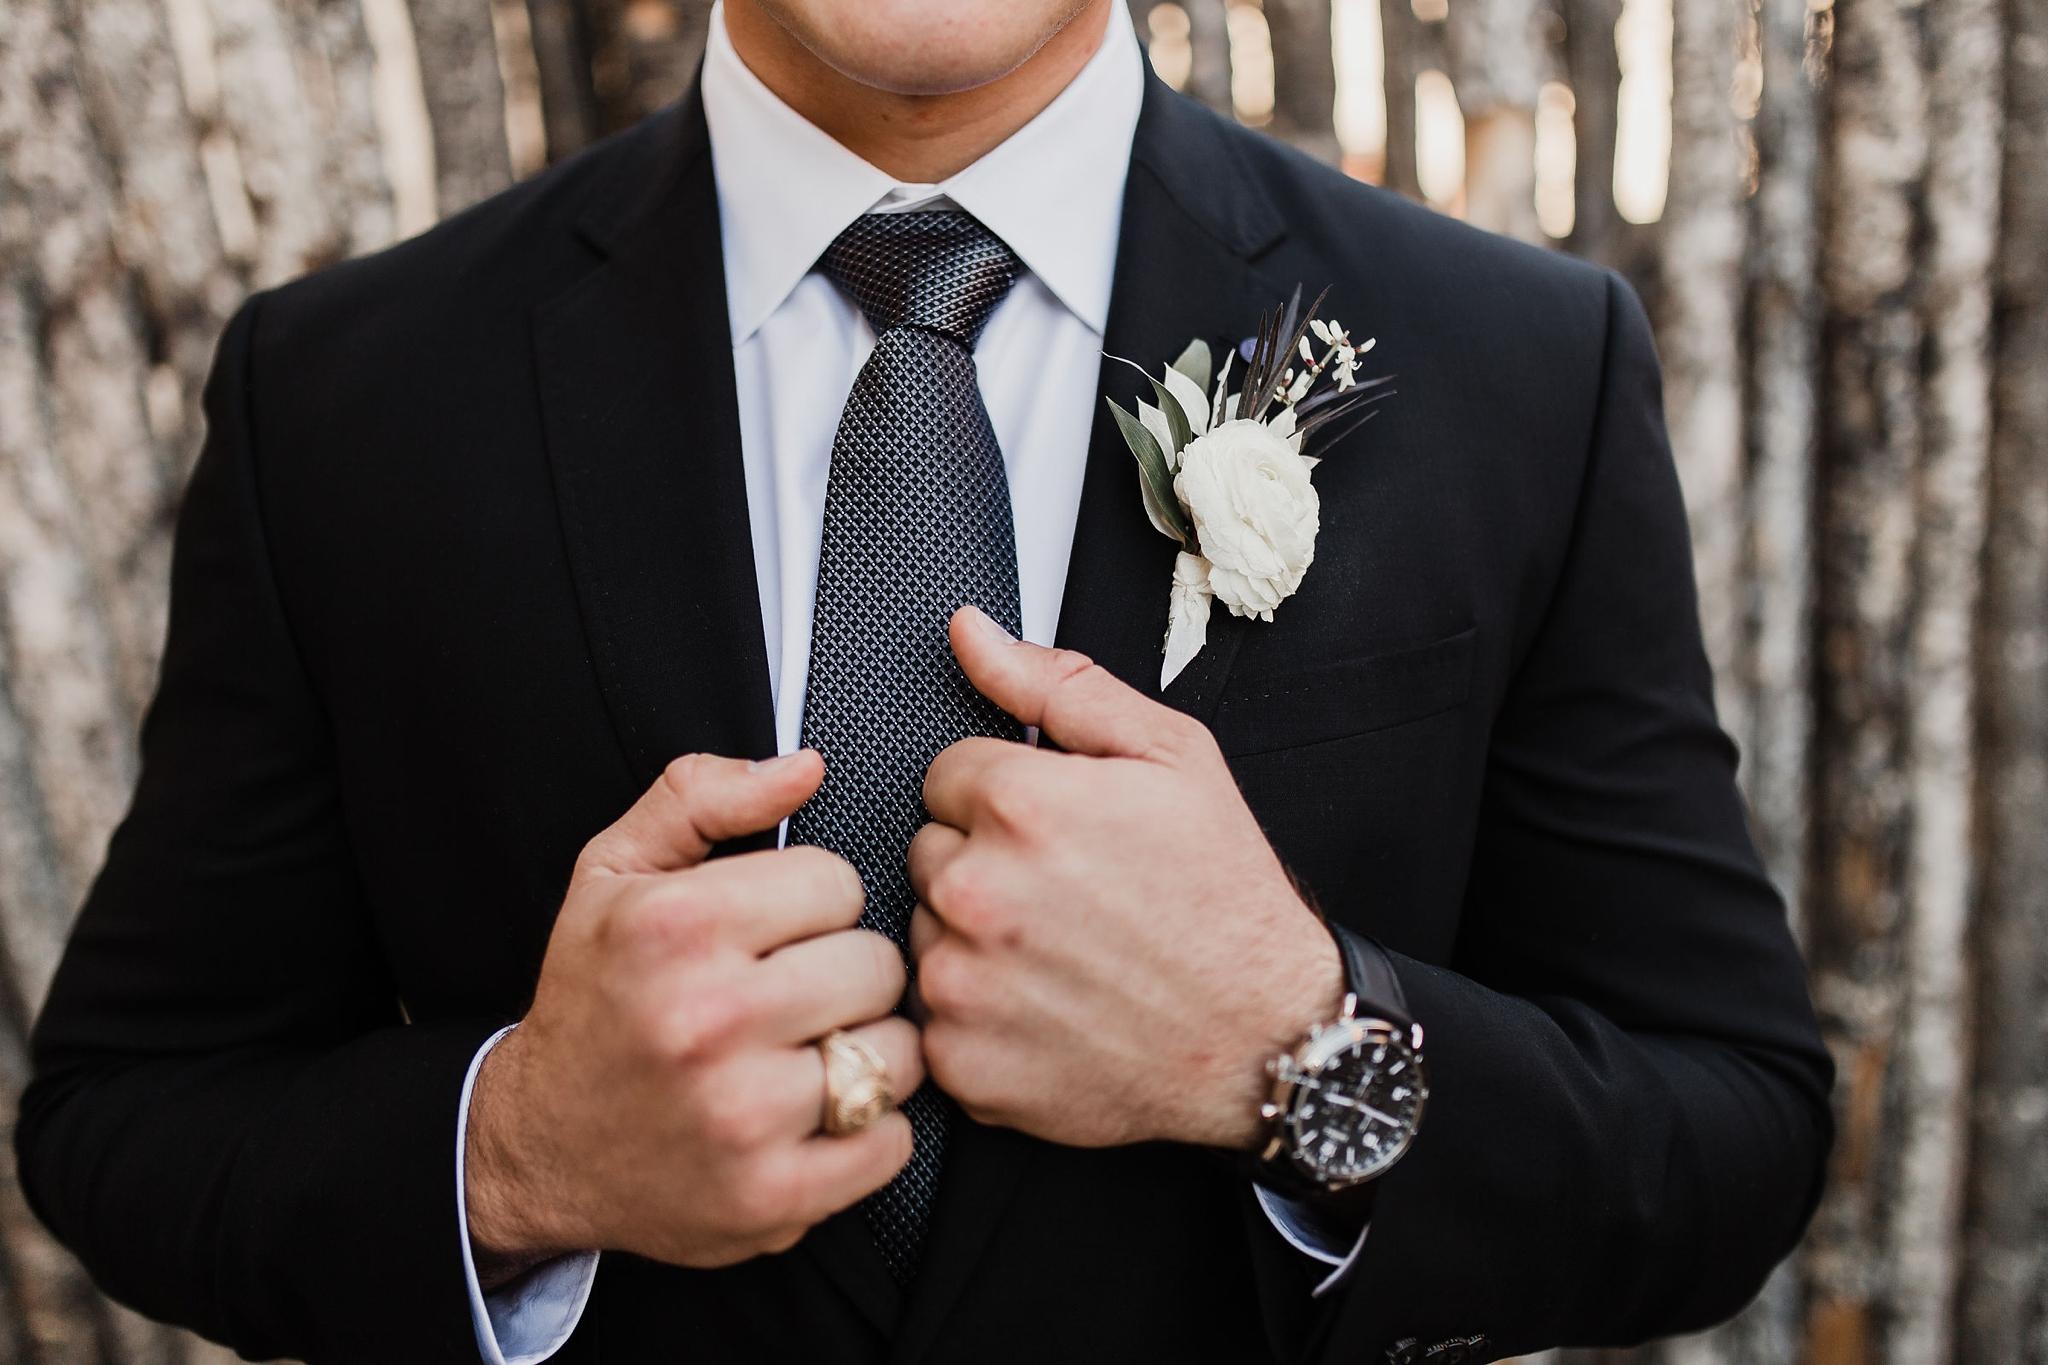 Alicia+lucia+photography+-+albuquerque+wedding+photographer+-+santa+fe+wedding+photography+-+new+mexico+wedding+photographer+-+new+mexico+wedding+-+santa+fe+wedding+-+four+seasons+wedding+-+winter+wedding_0078.jpg